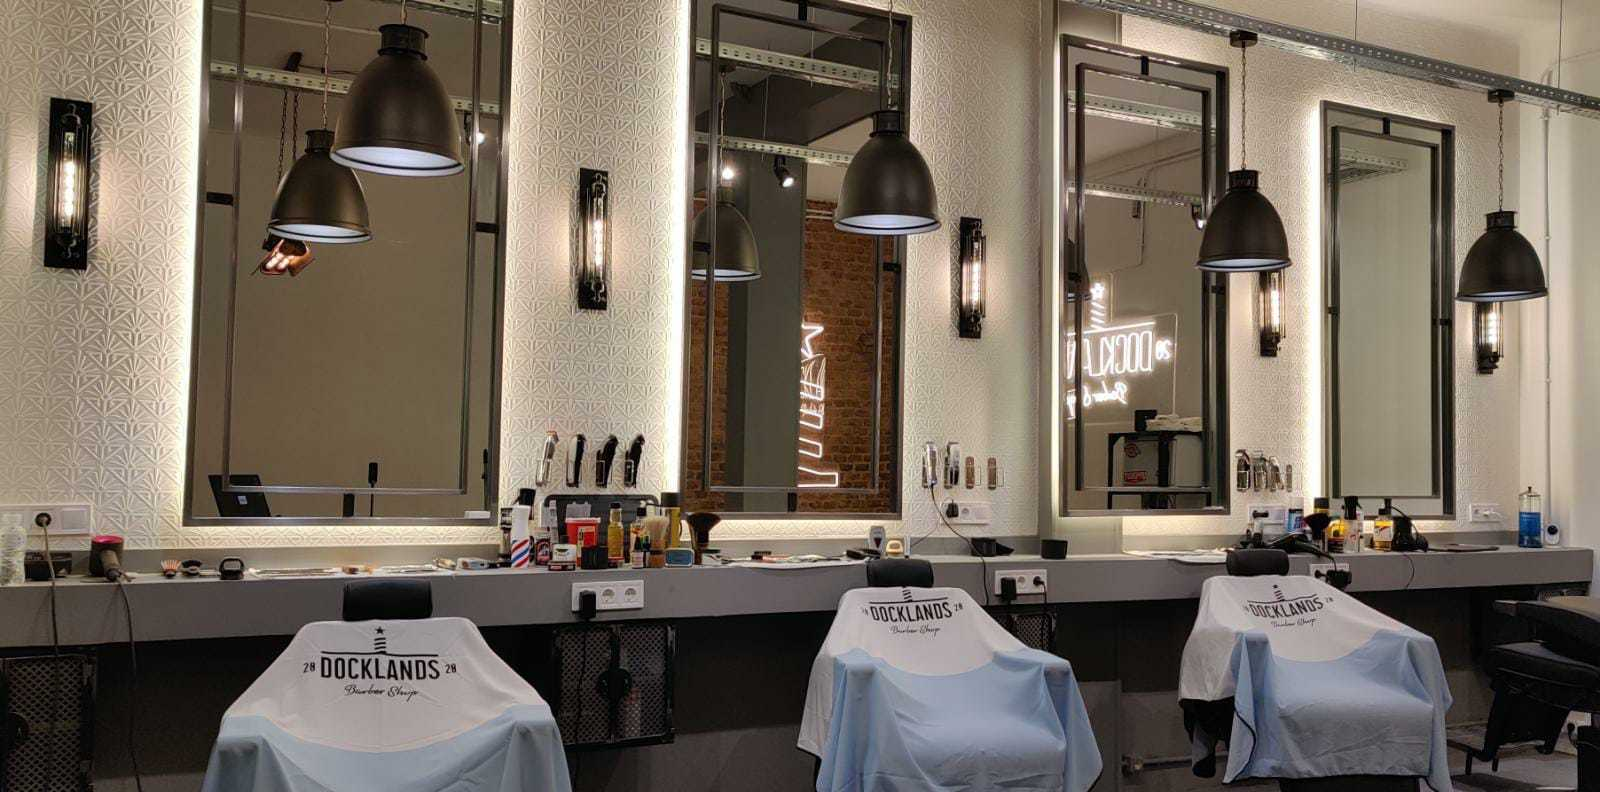 Docklands Barber Shop